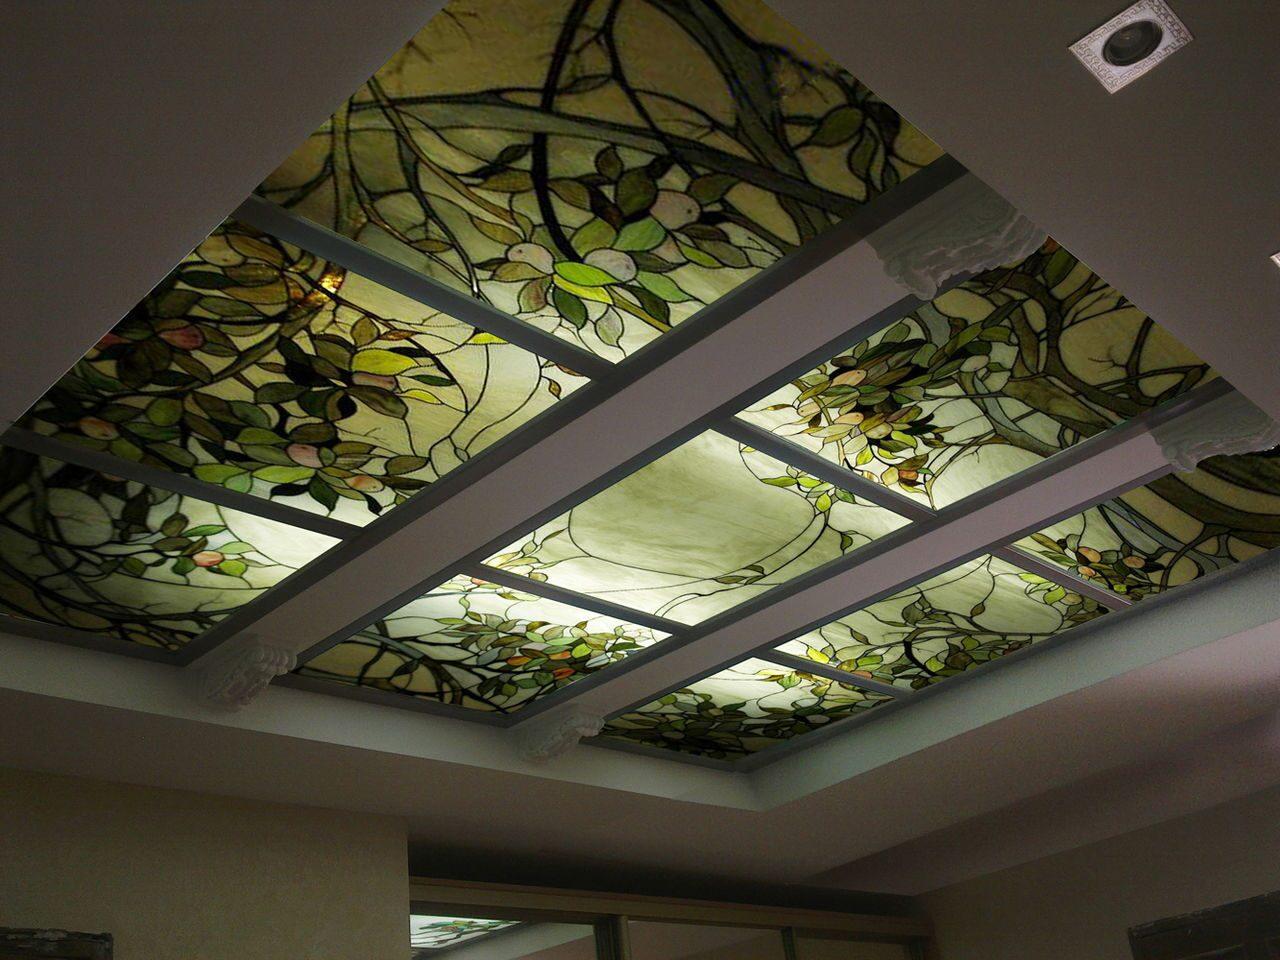 Фото витража Яблоня на потолке На фото представлен витраж Яблоня